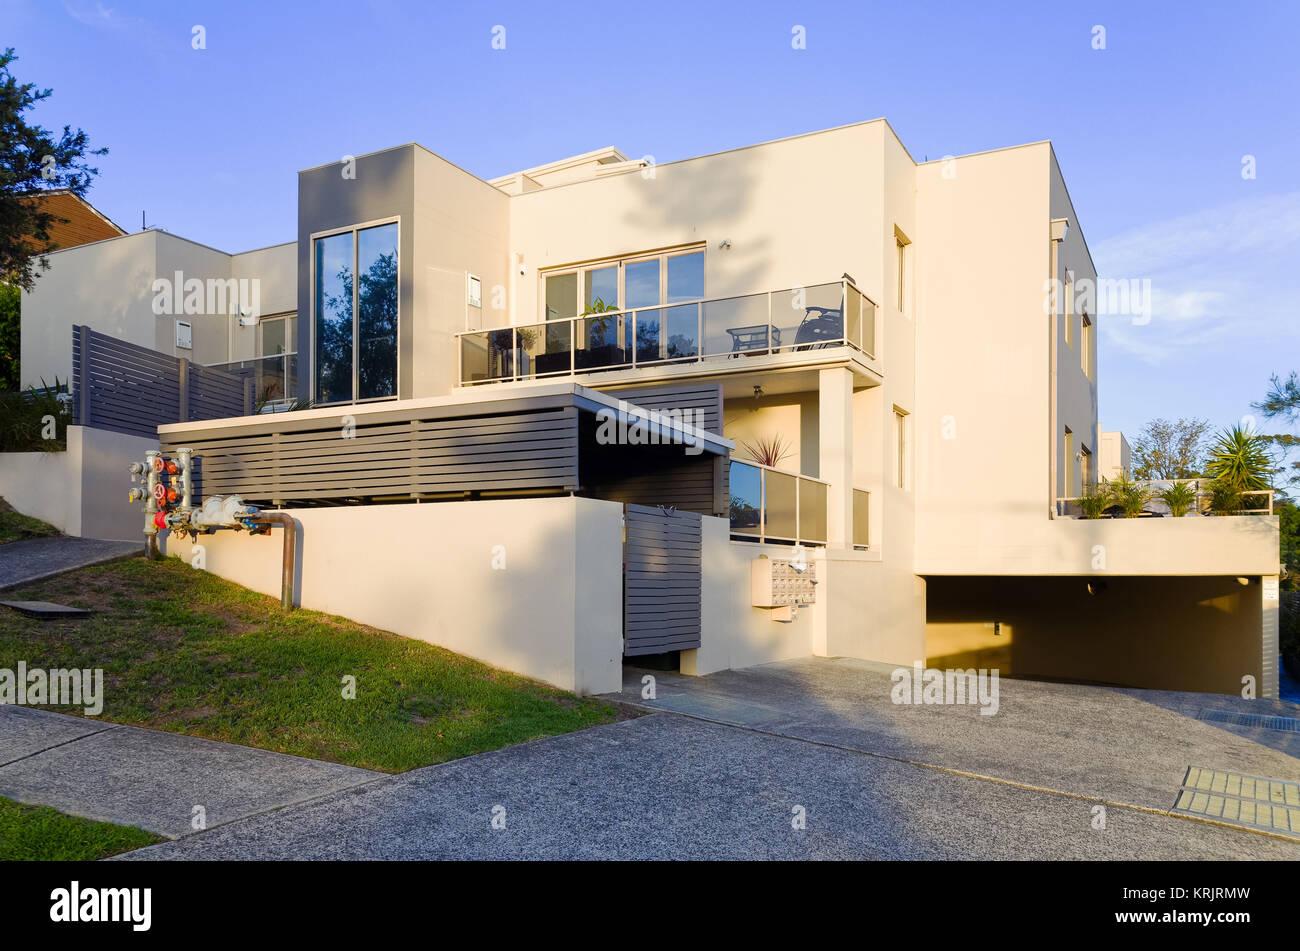 Moderne Wohn- Apartment Gebäude Exterieur mit großem Balkon und ...